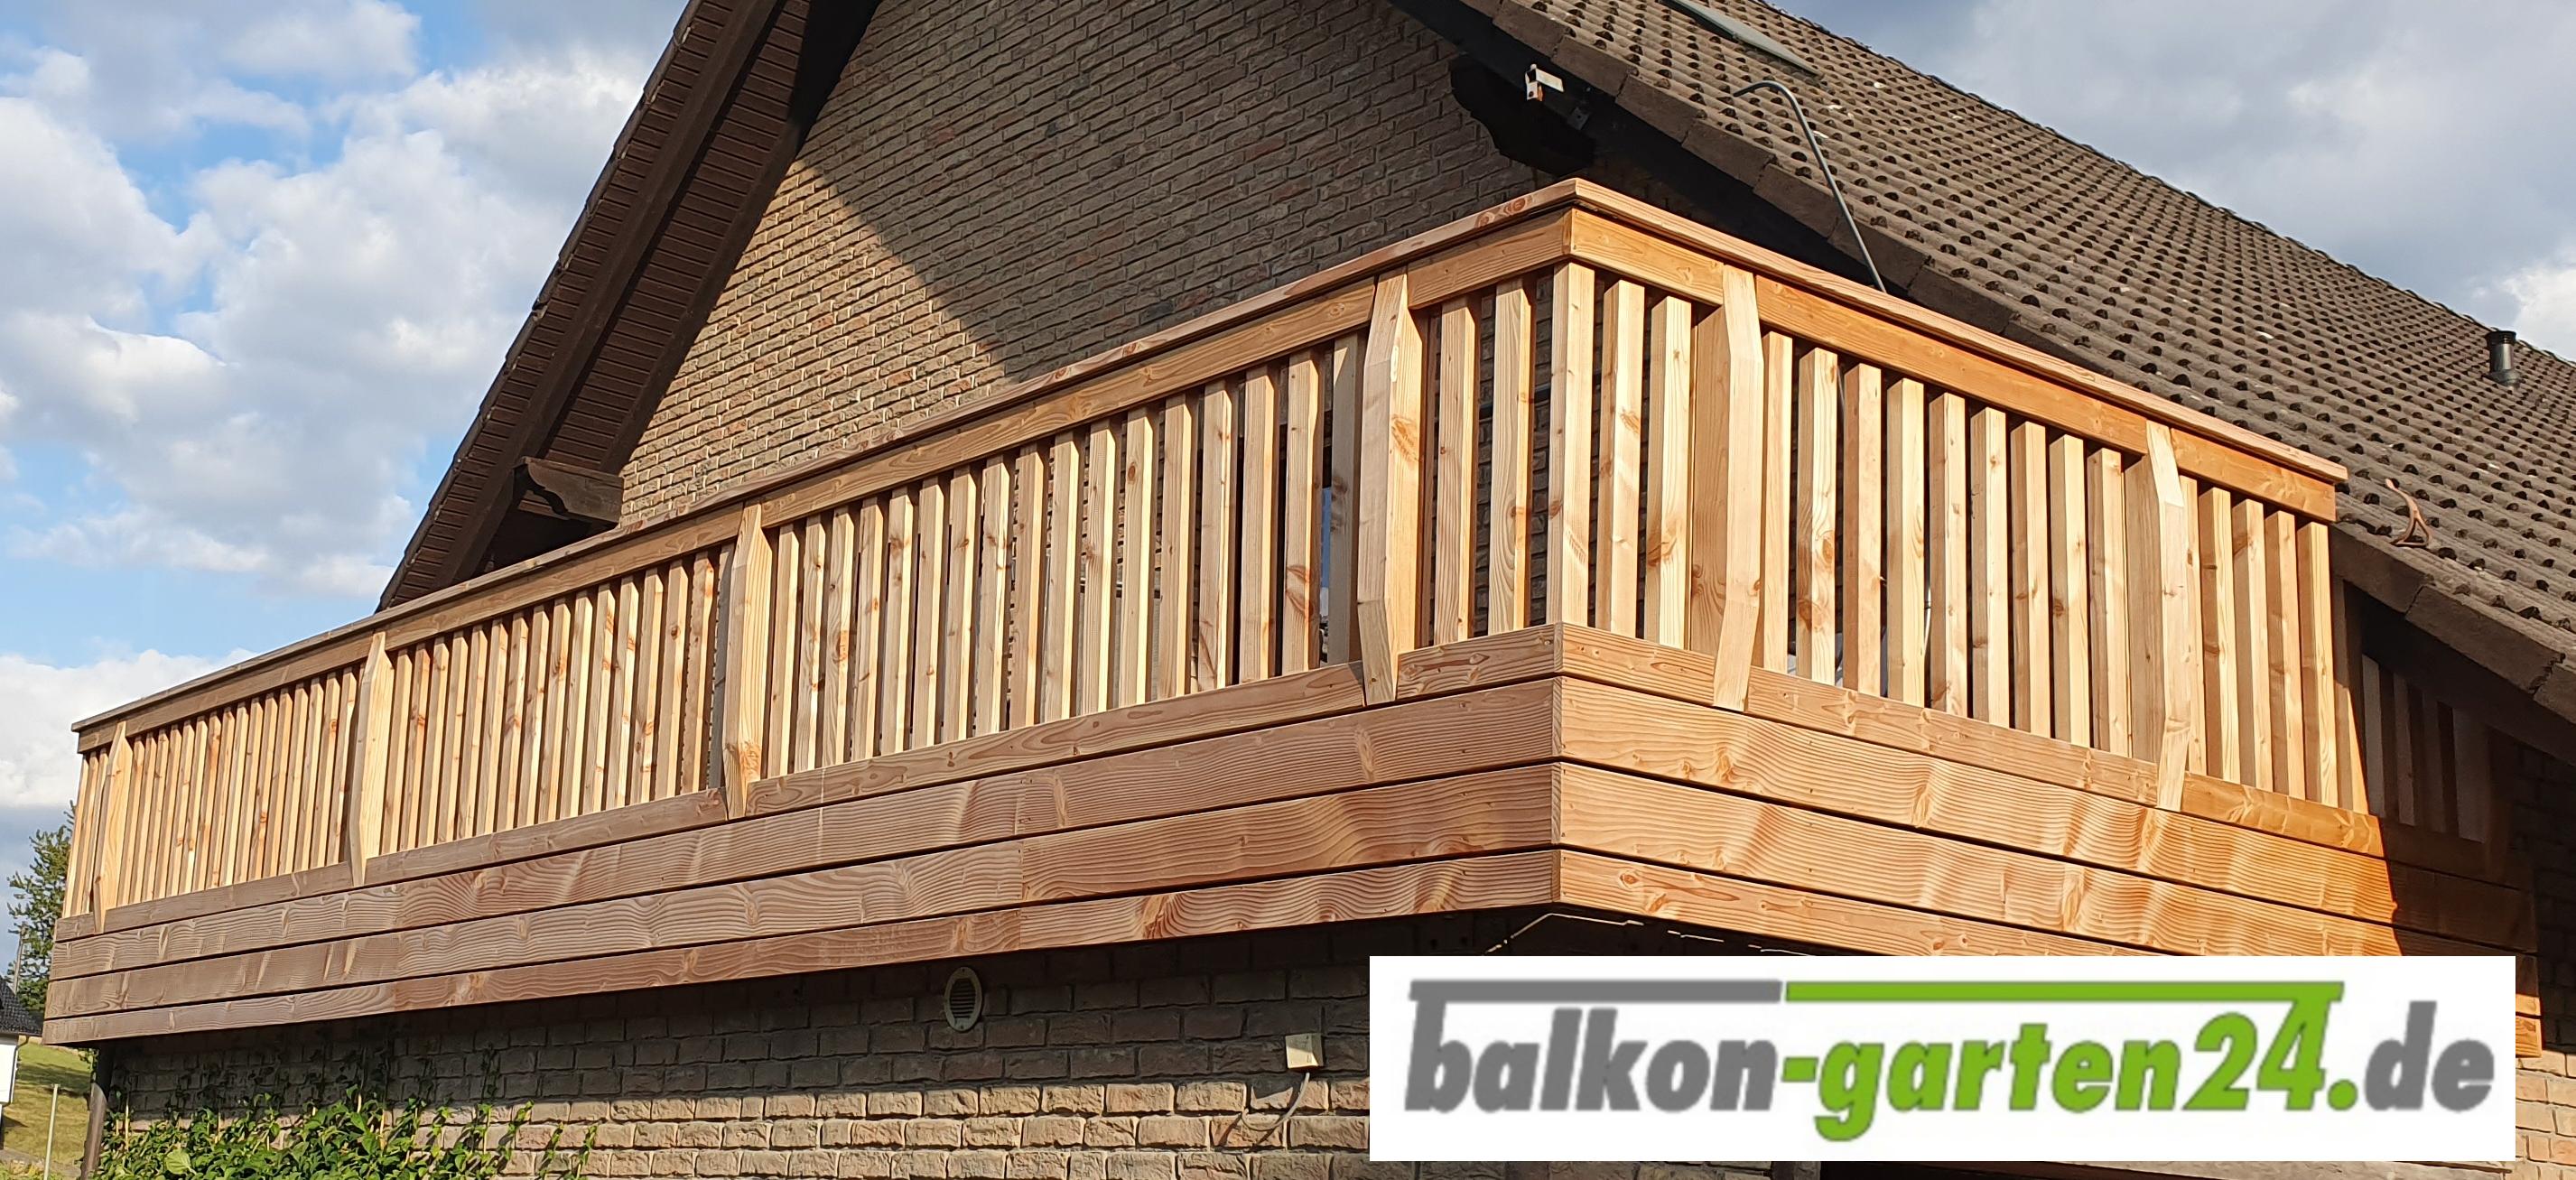 Pin von balkongarten24.de auf Balkongeländer Holz